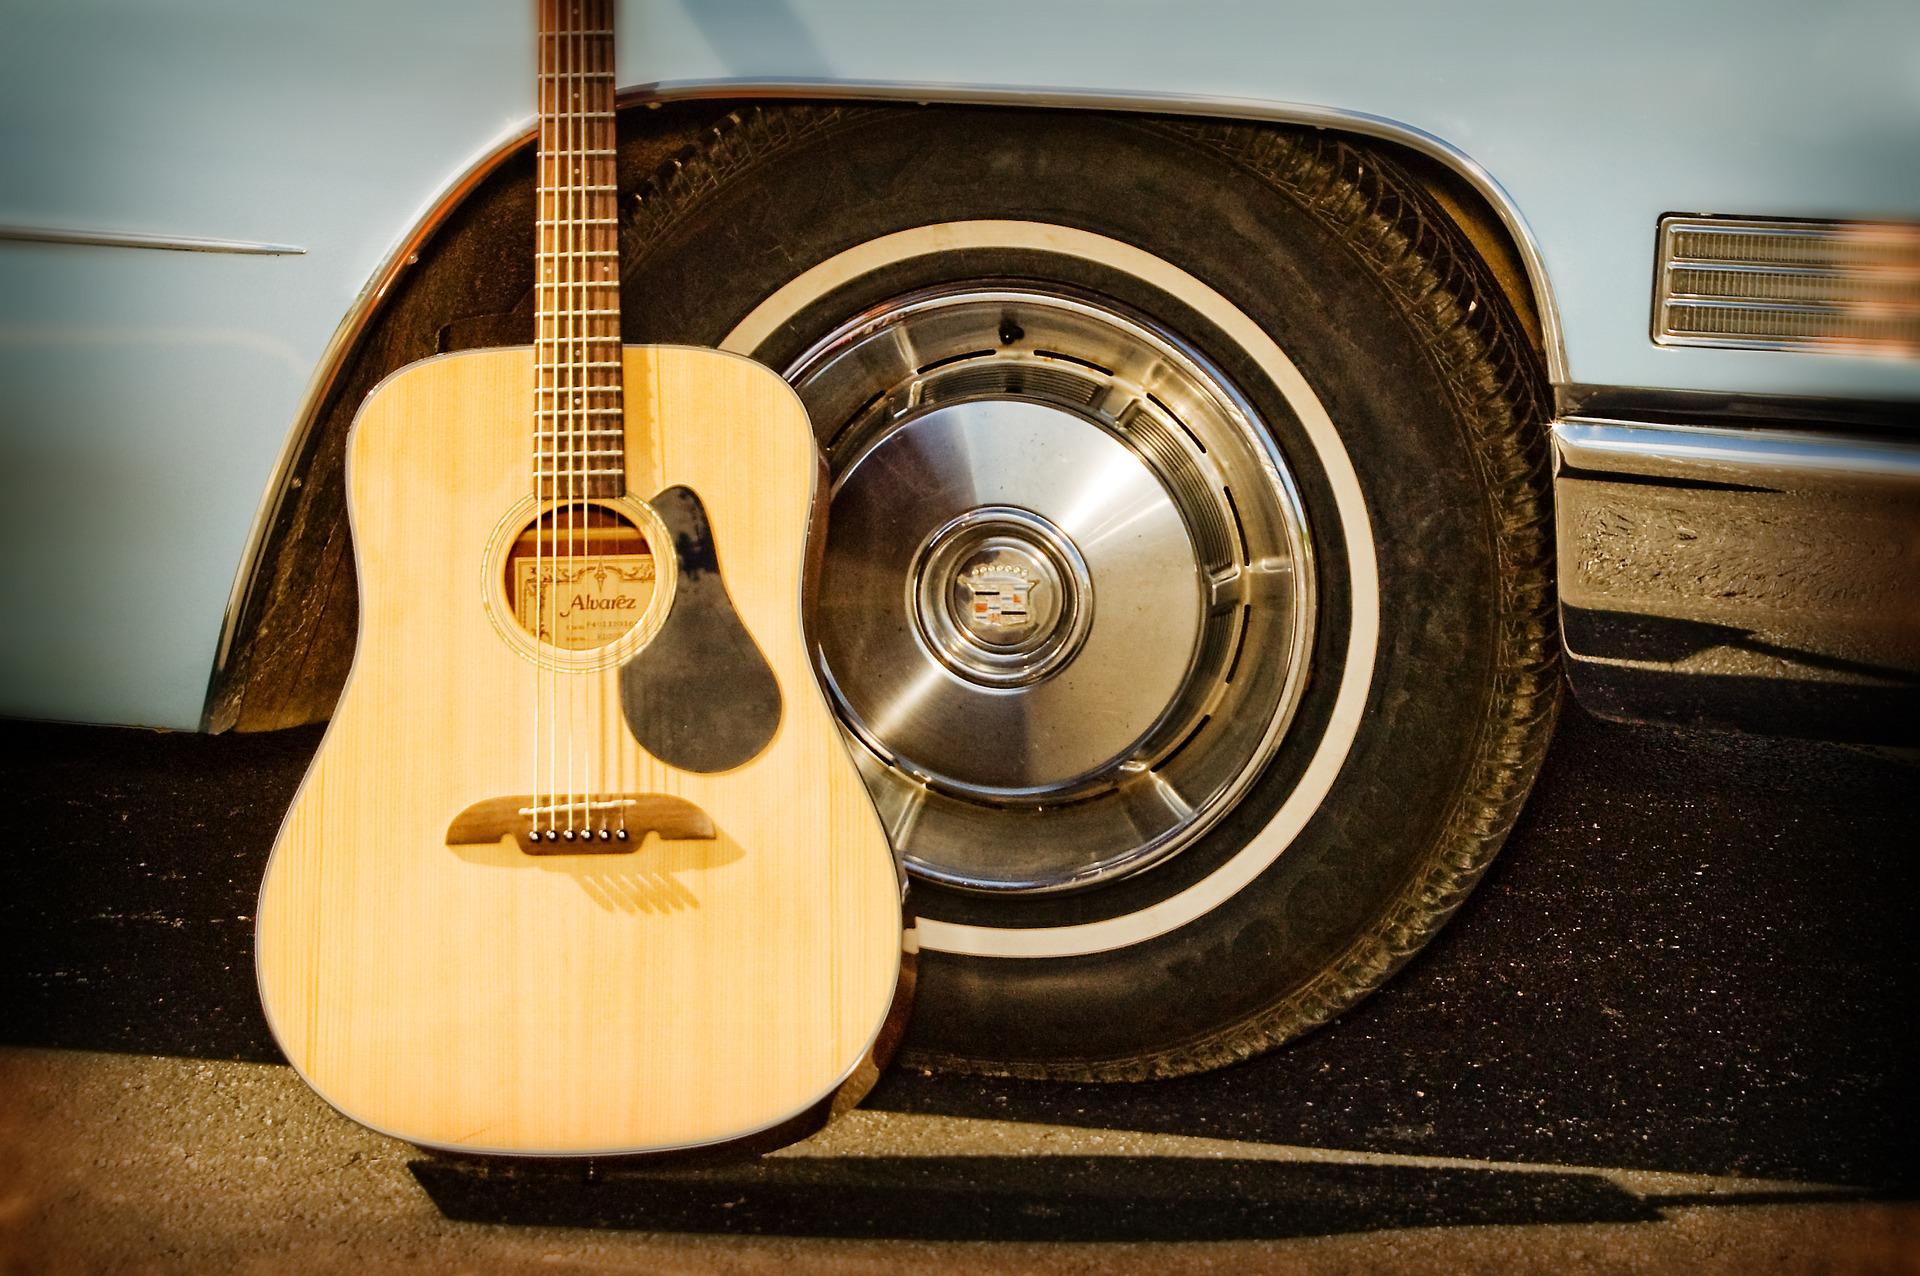 guitar-1130593_1920